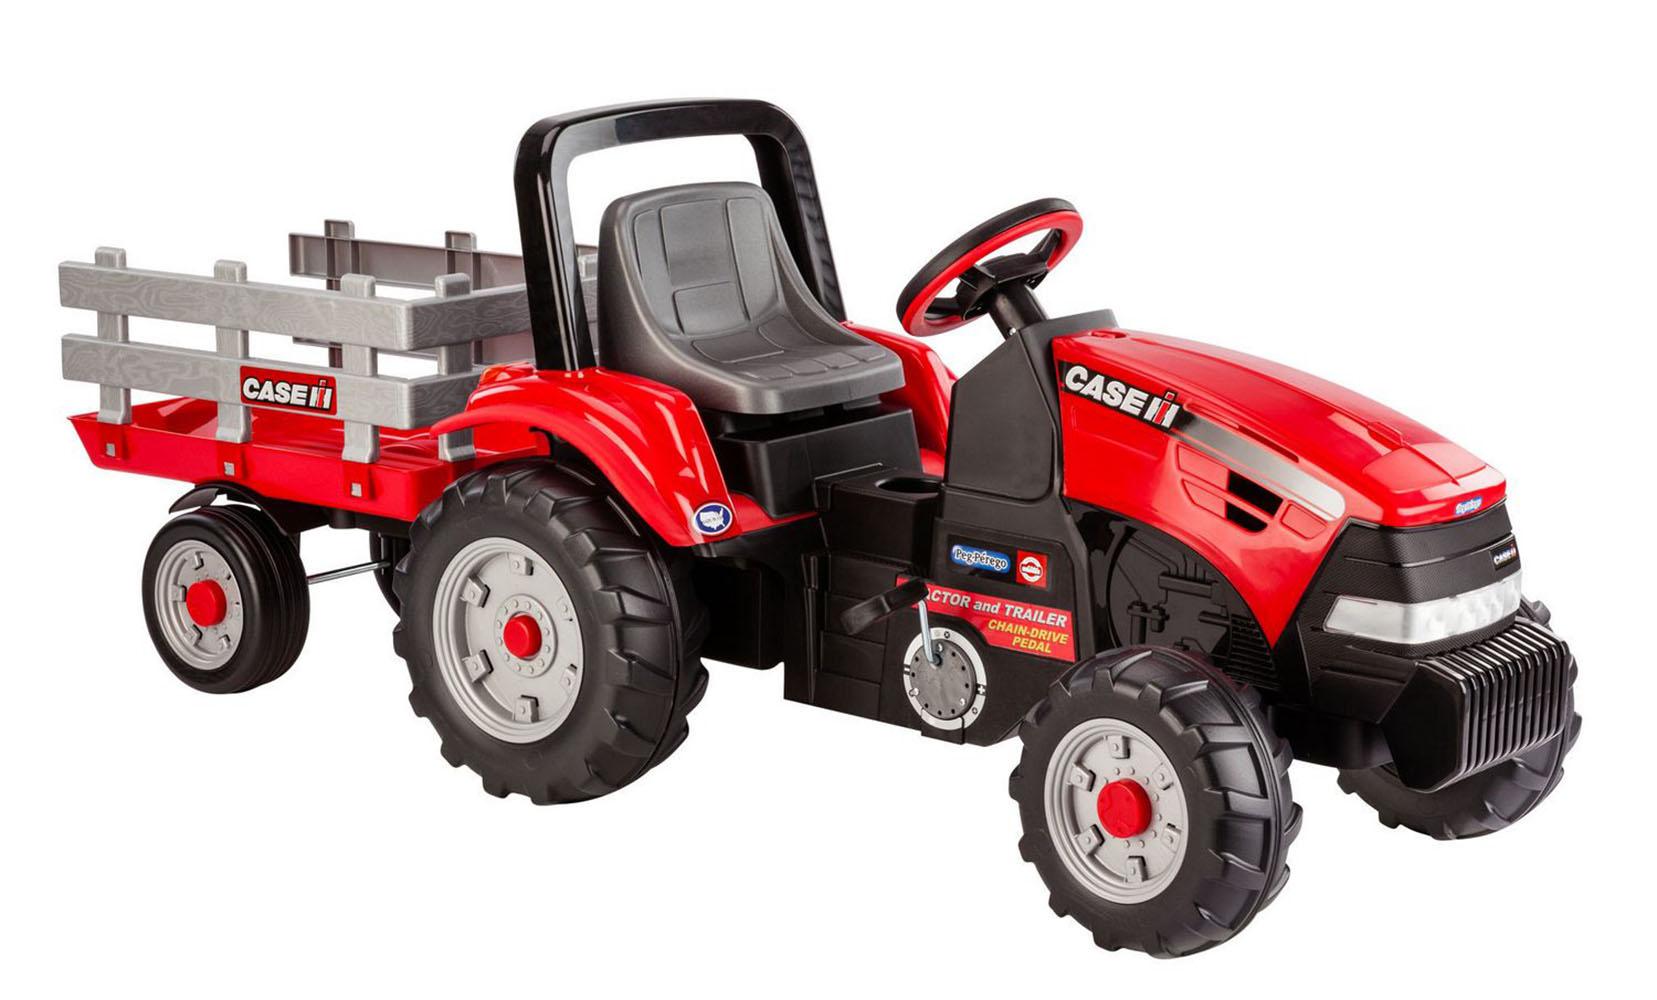 tracteur magnum case ih et remorque club jouet achat de jeux et jouets prix club. Black Bedroom Furniture Sets. Home Design Ideas